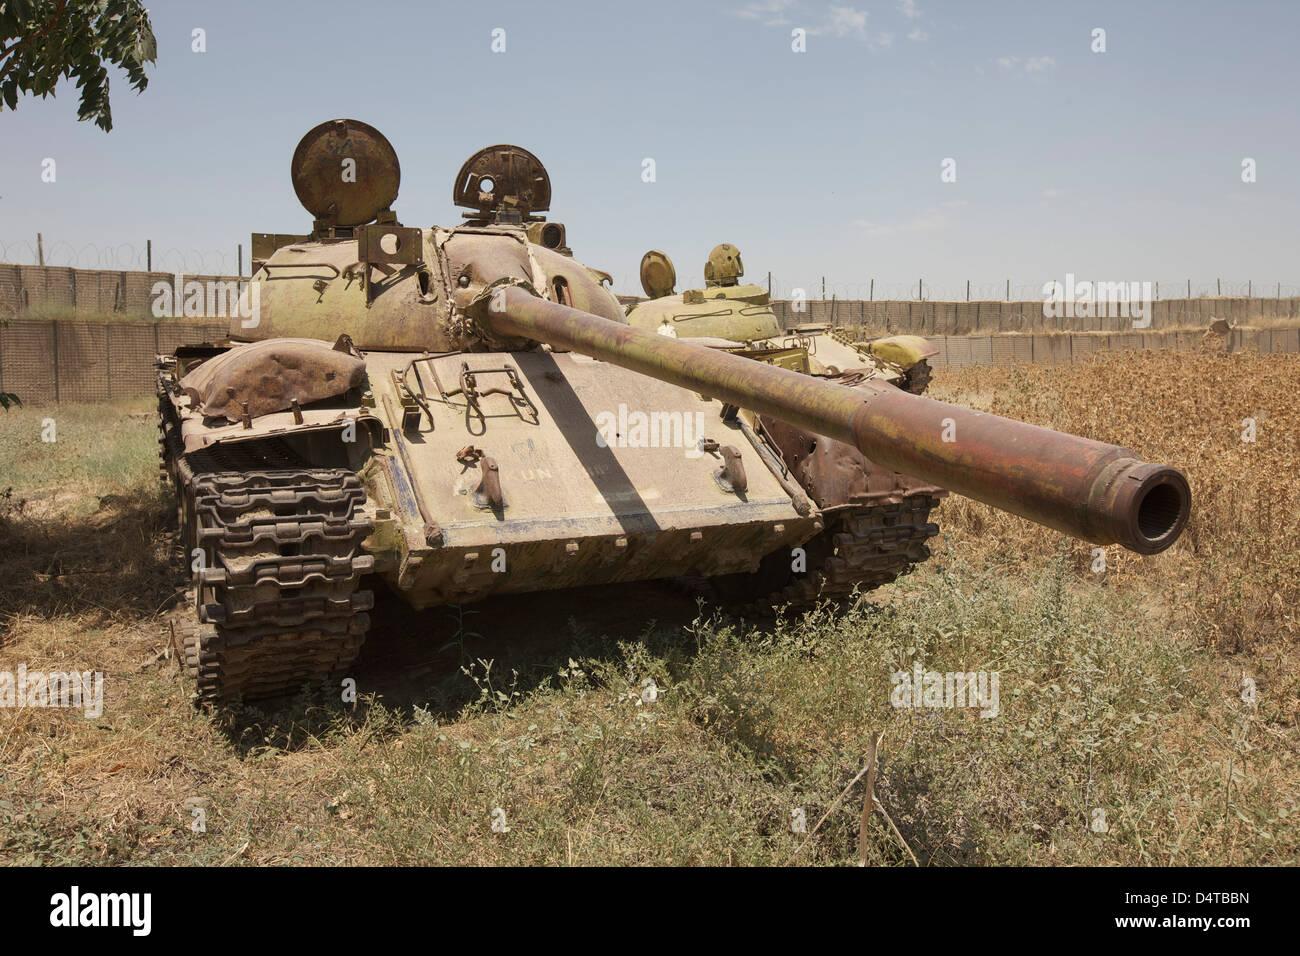 A Russian T-55 main battle tank rests in an armor junkyard in Kunduz, Afghanistan. - Stock Image